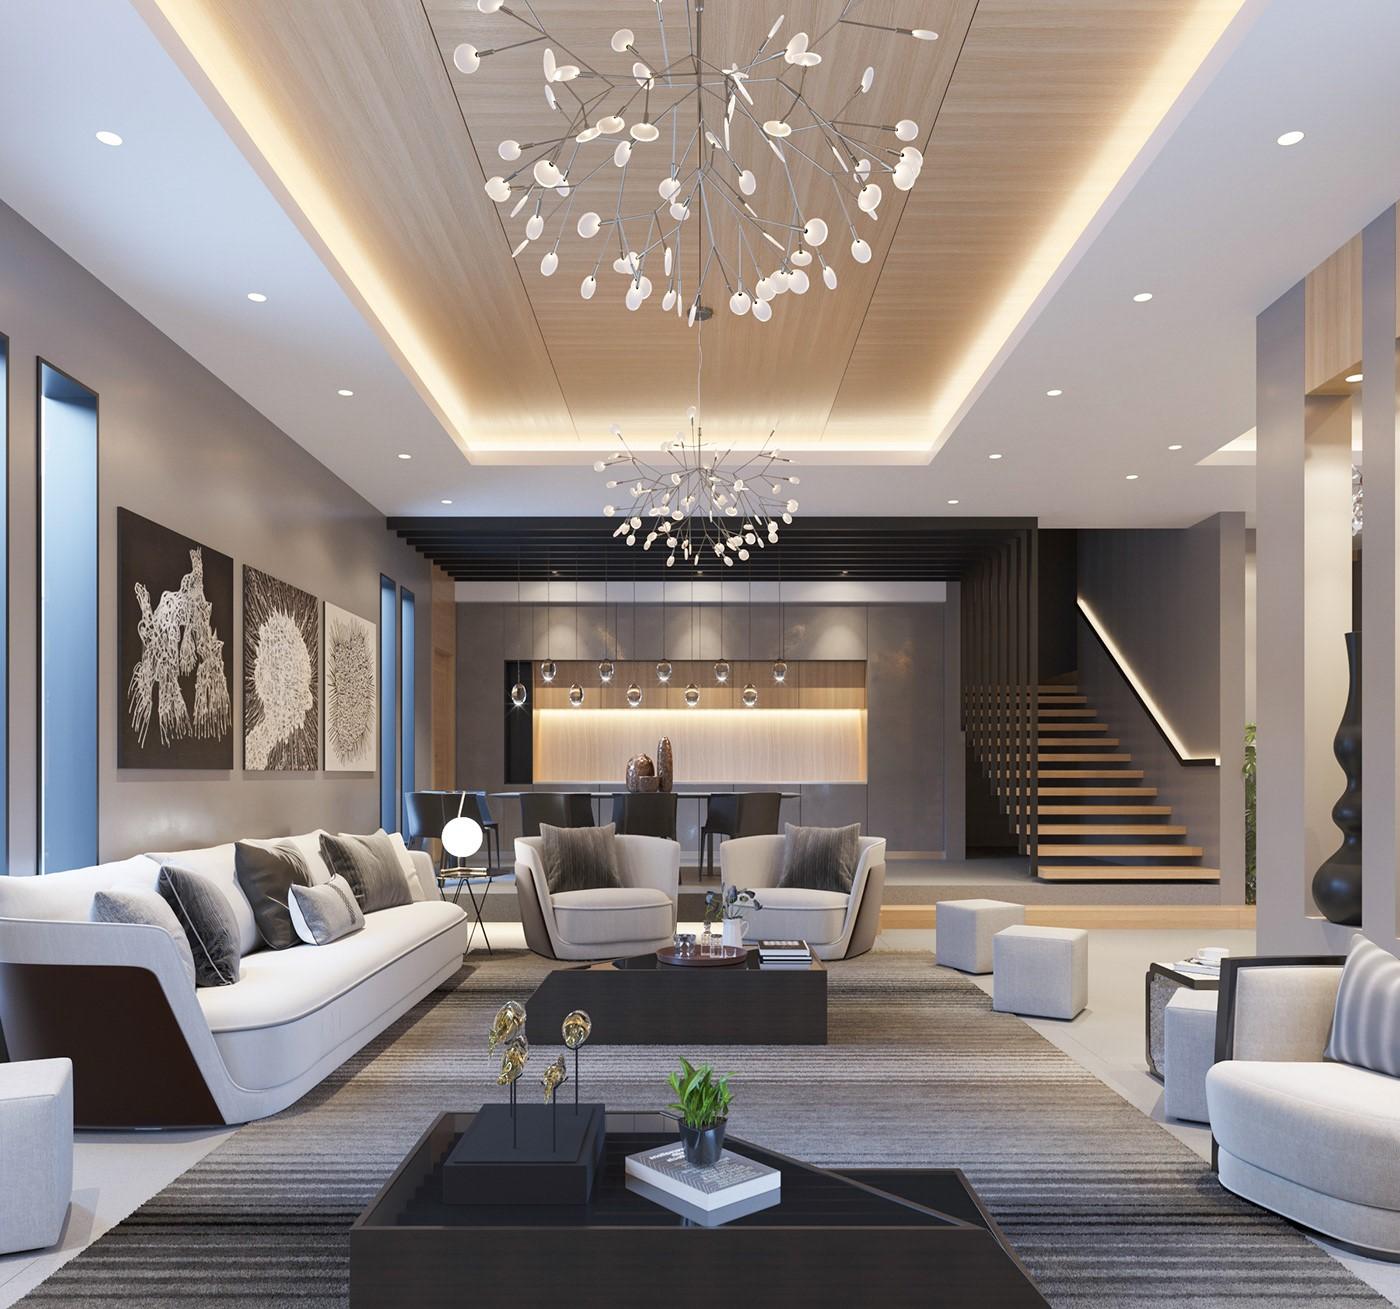 Phòng khách biệt thự 2 tầng sang trọng với bộ sofa trắng kết hợp gối tựa màu xám trung tính. Đèn chùm tạo điểm nhấn tinh tế cho toàn bộ không gian.